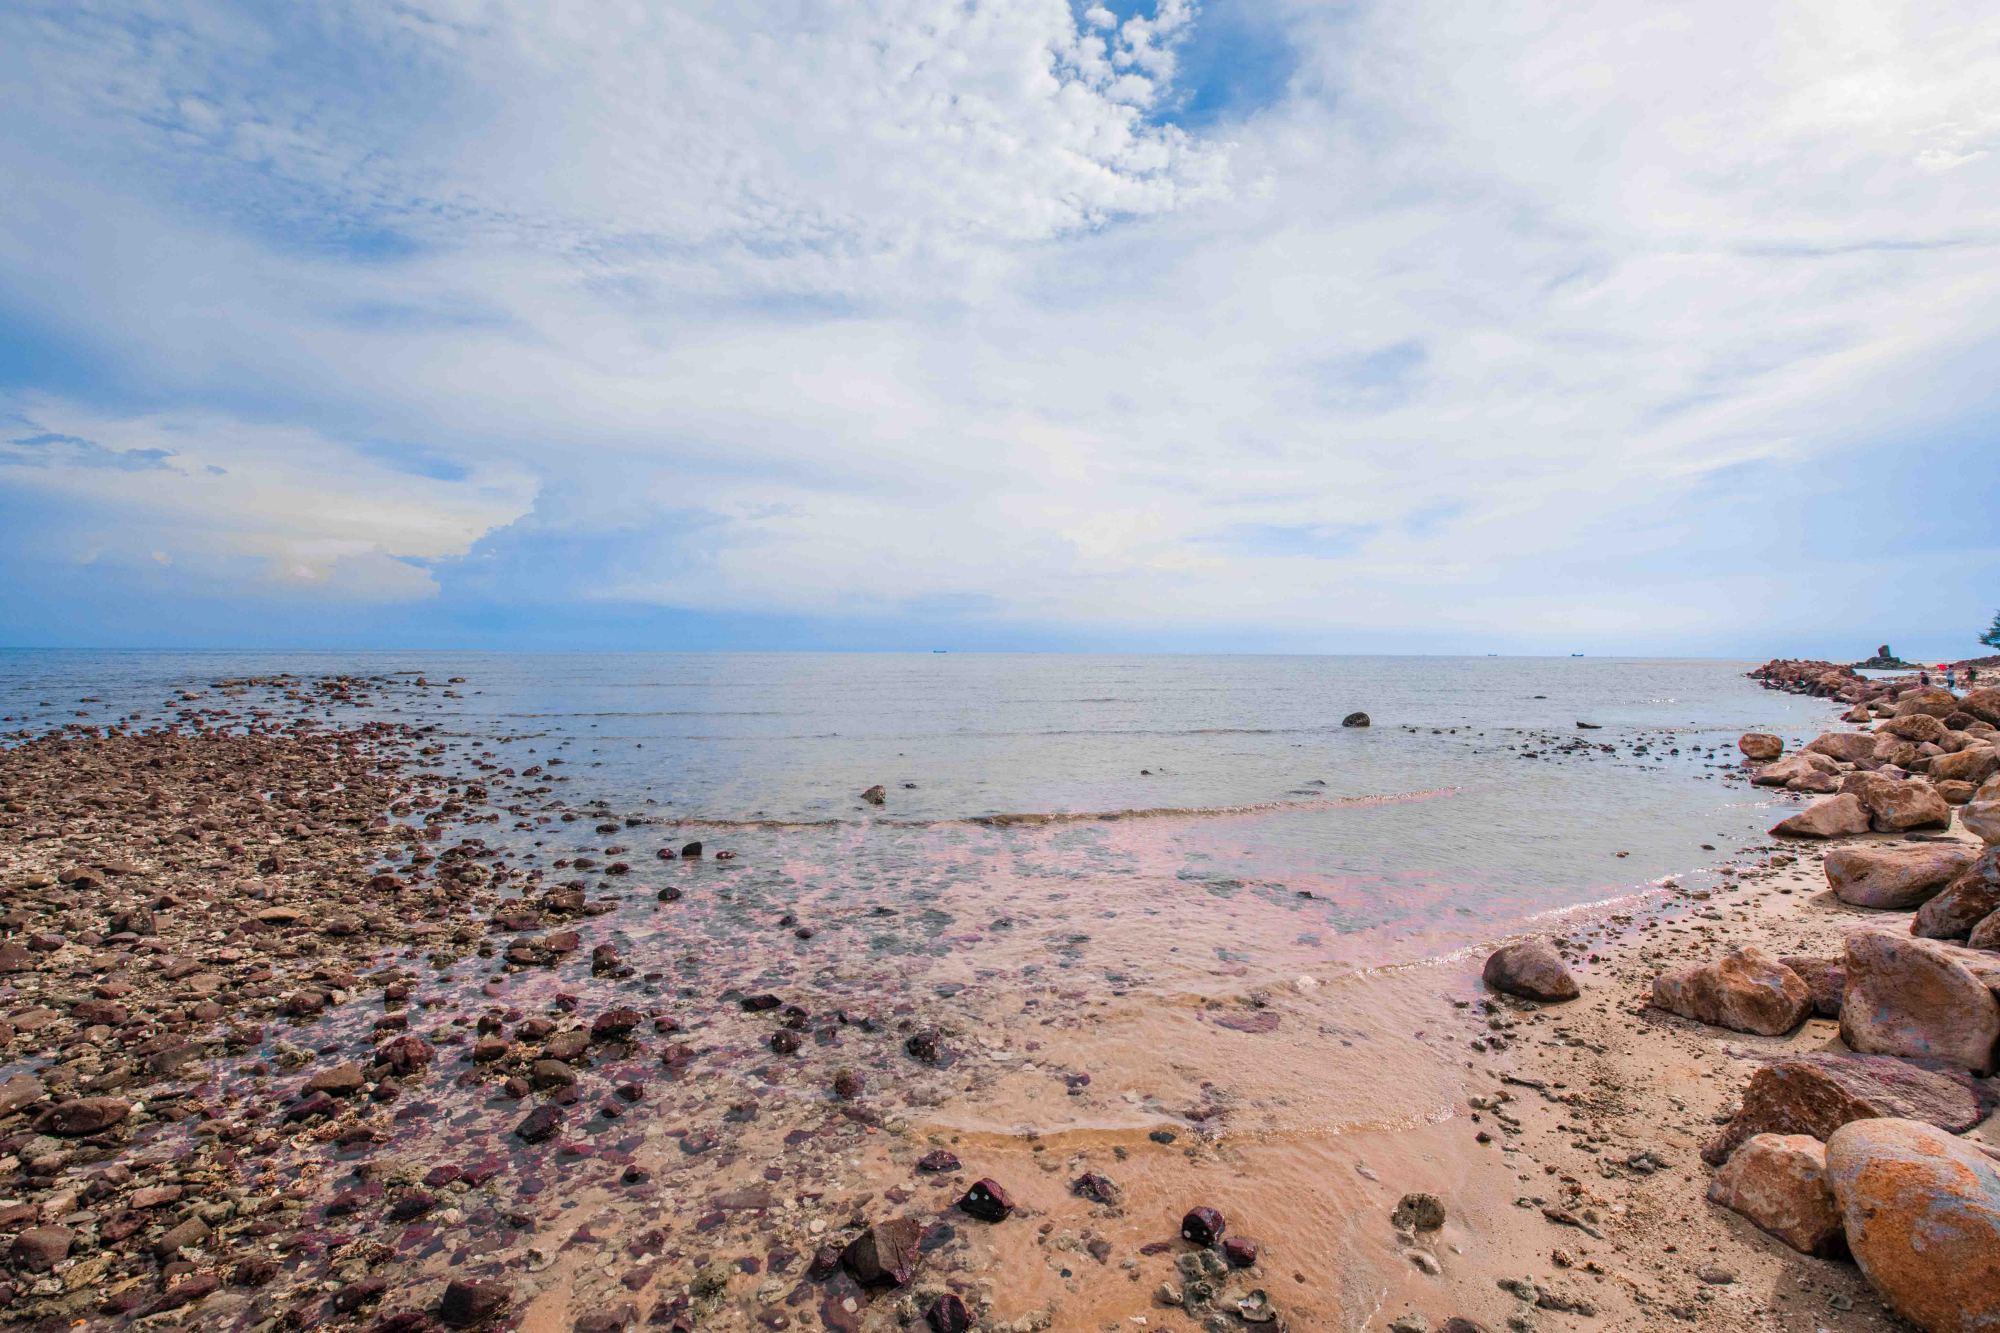 我国最南端,当地南极村的风景比马尔代夫还美,趁着还没火赶紧去